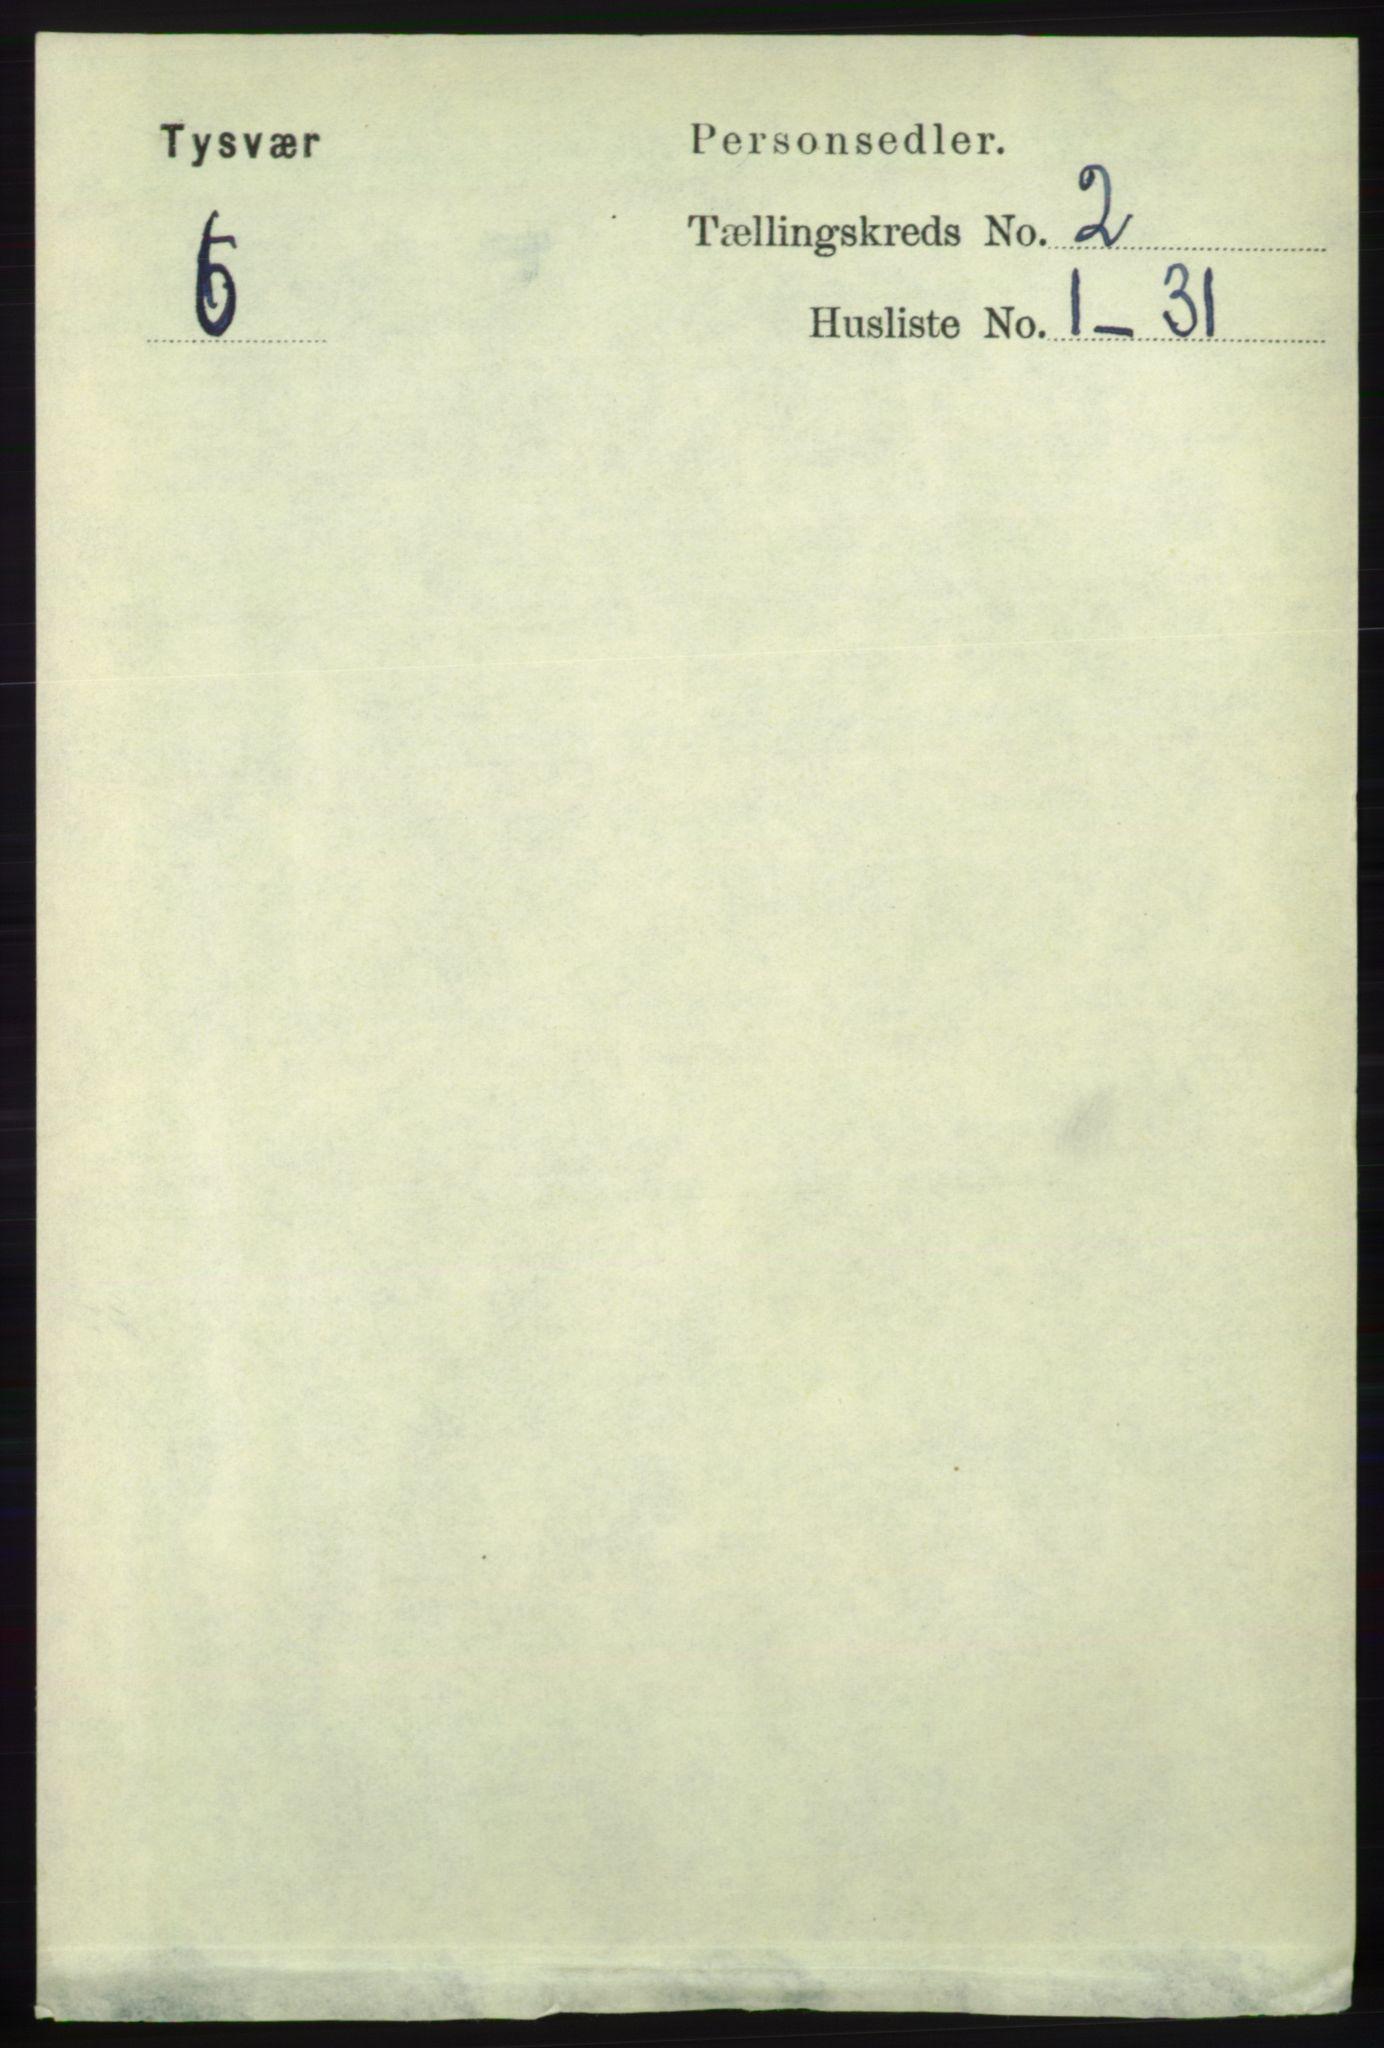 RA, Folketelling 1891 for 1146 Tysvær herred, 1891, s. 698